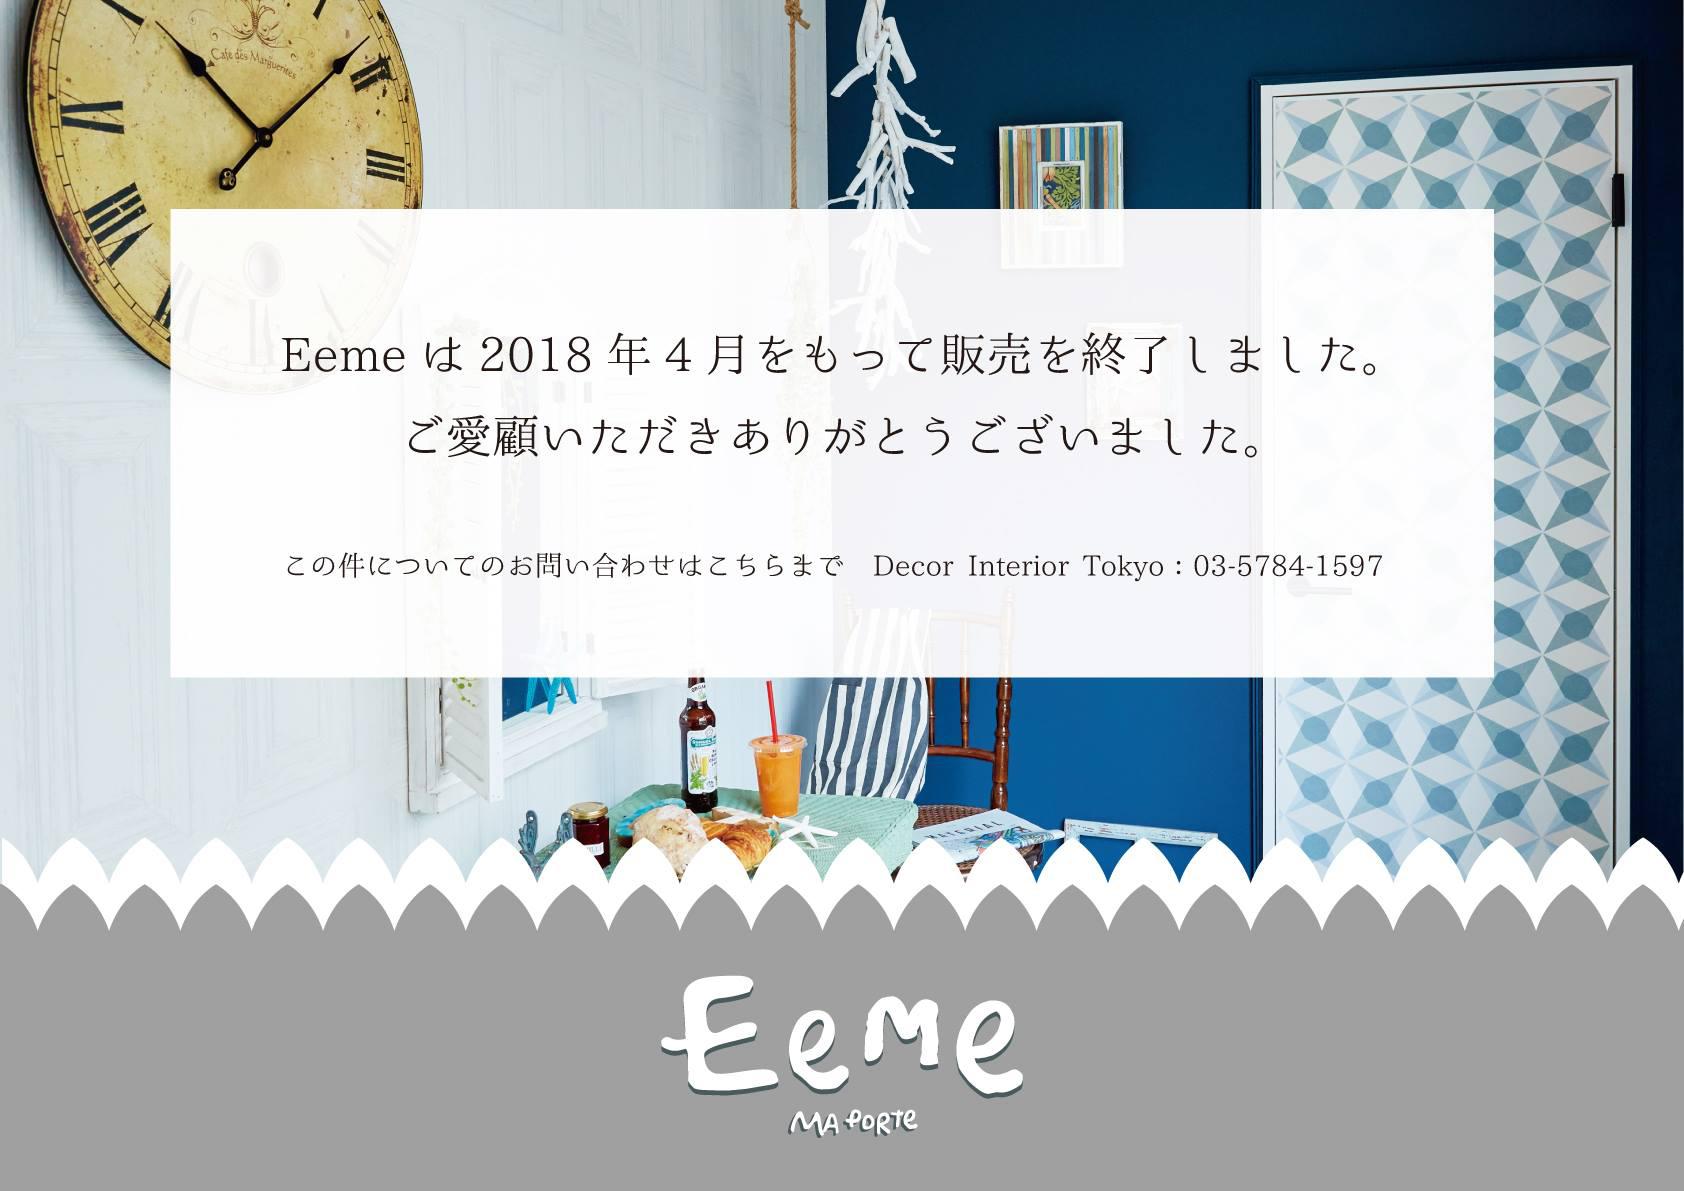 Eemeは2018年4月をもって販売を終了しました。ご愛顧いただきありがとうございました。この件についてのお問い合わせはこちらまで Decor Interior Tokyo : 03-5784-1597